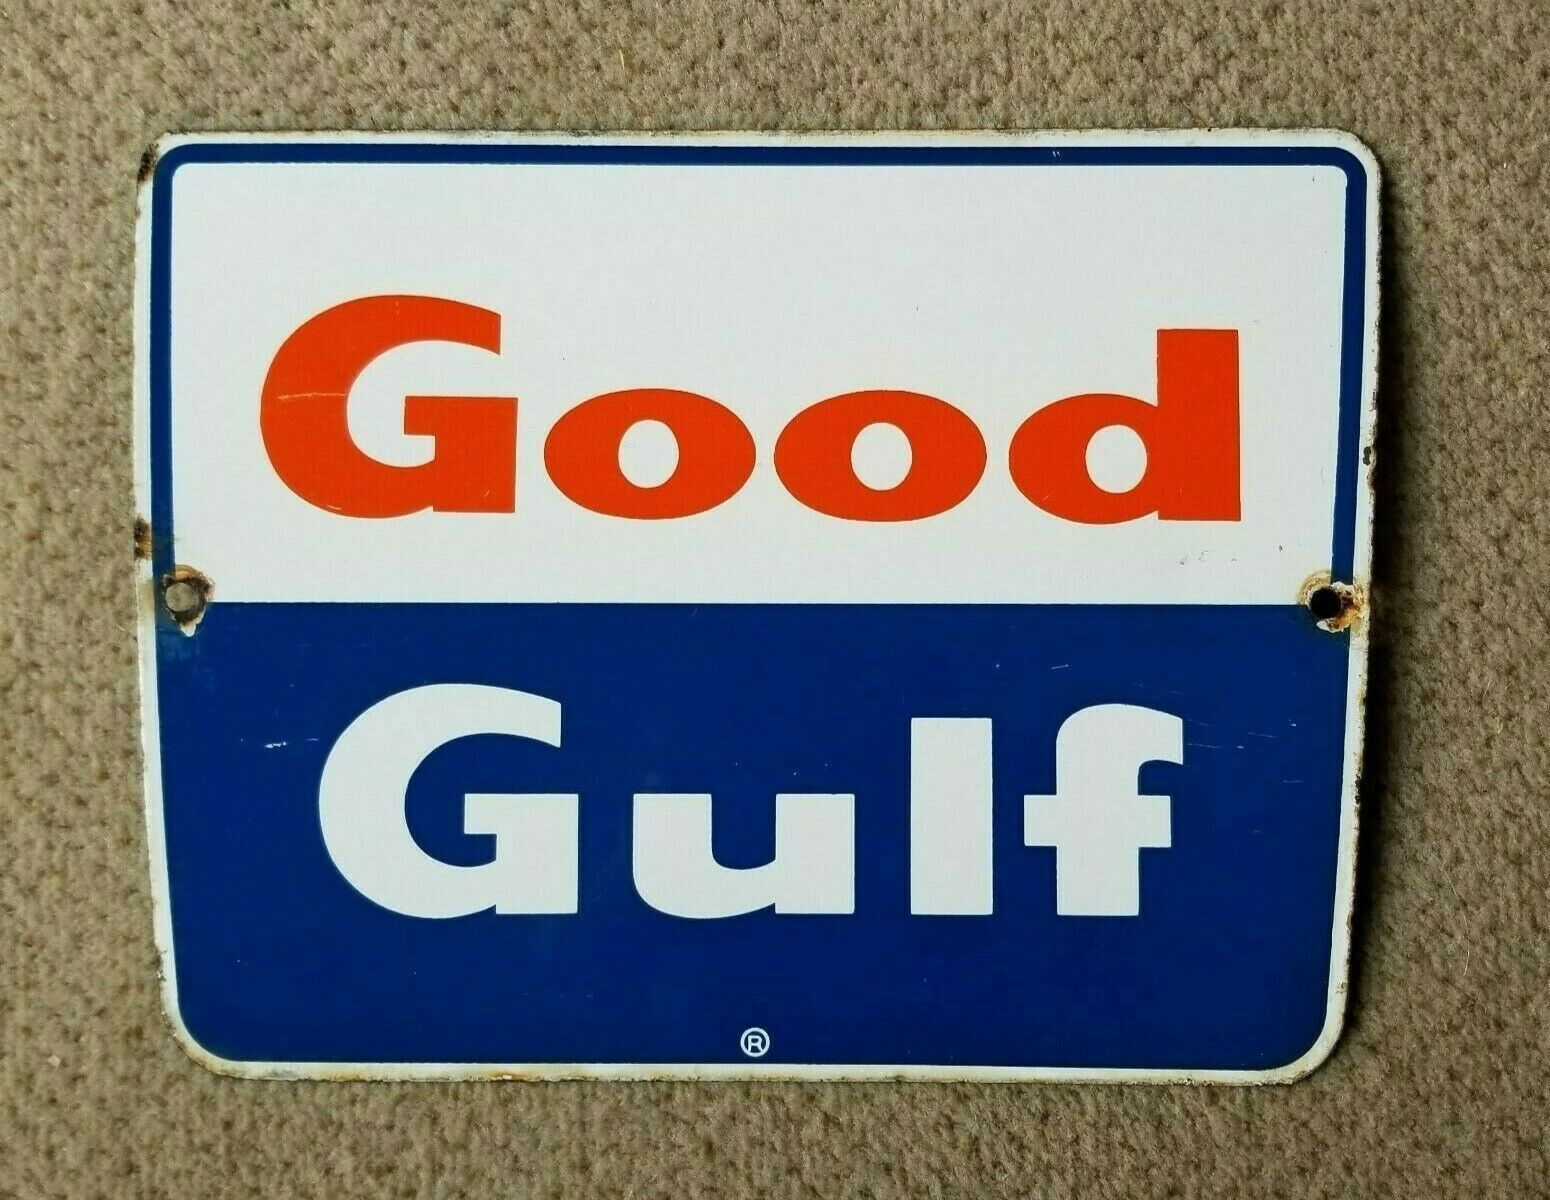 Good Gulf Porcelain Sign Vintage Original Pump Oil Service Gas Station Garage In 2020 Porcelain Signs Oil Service Gas Station